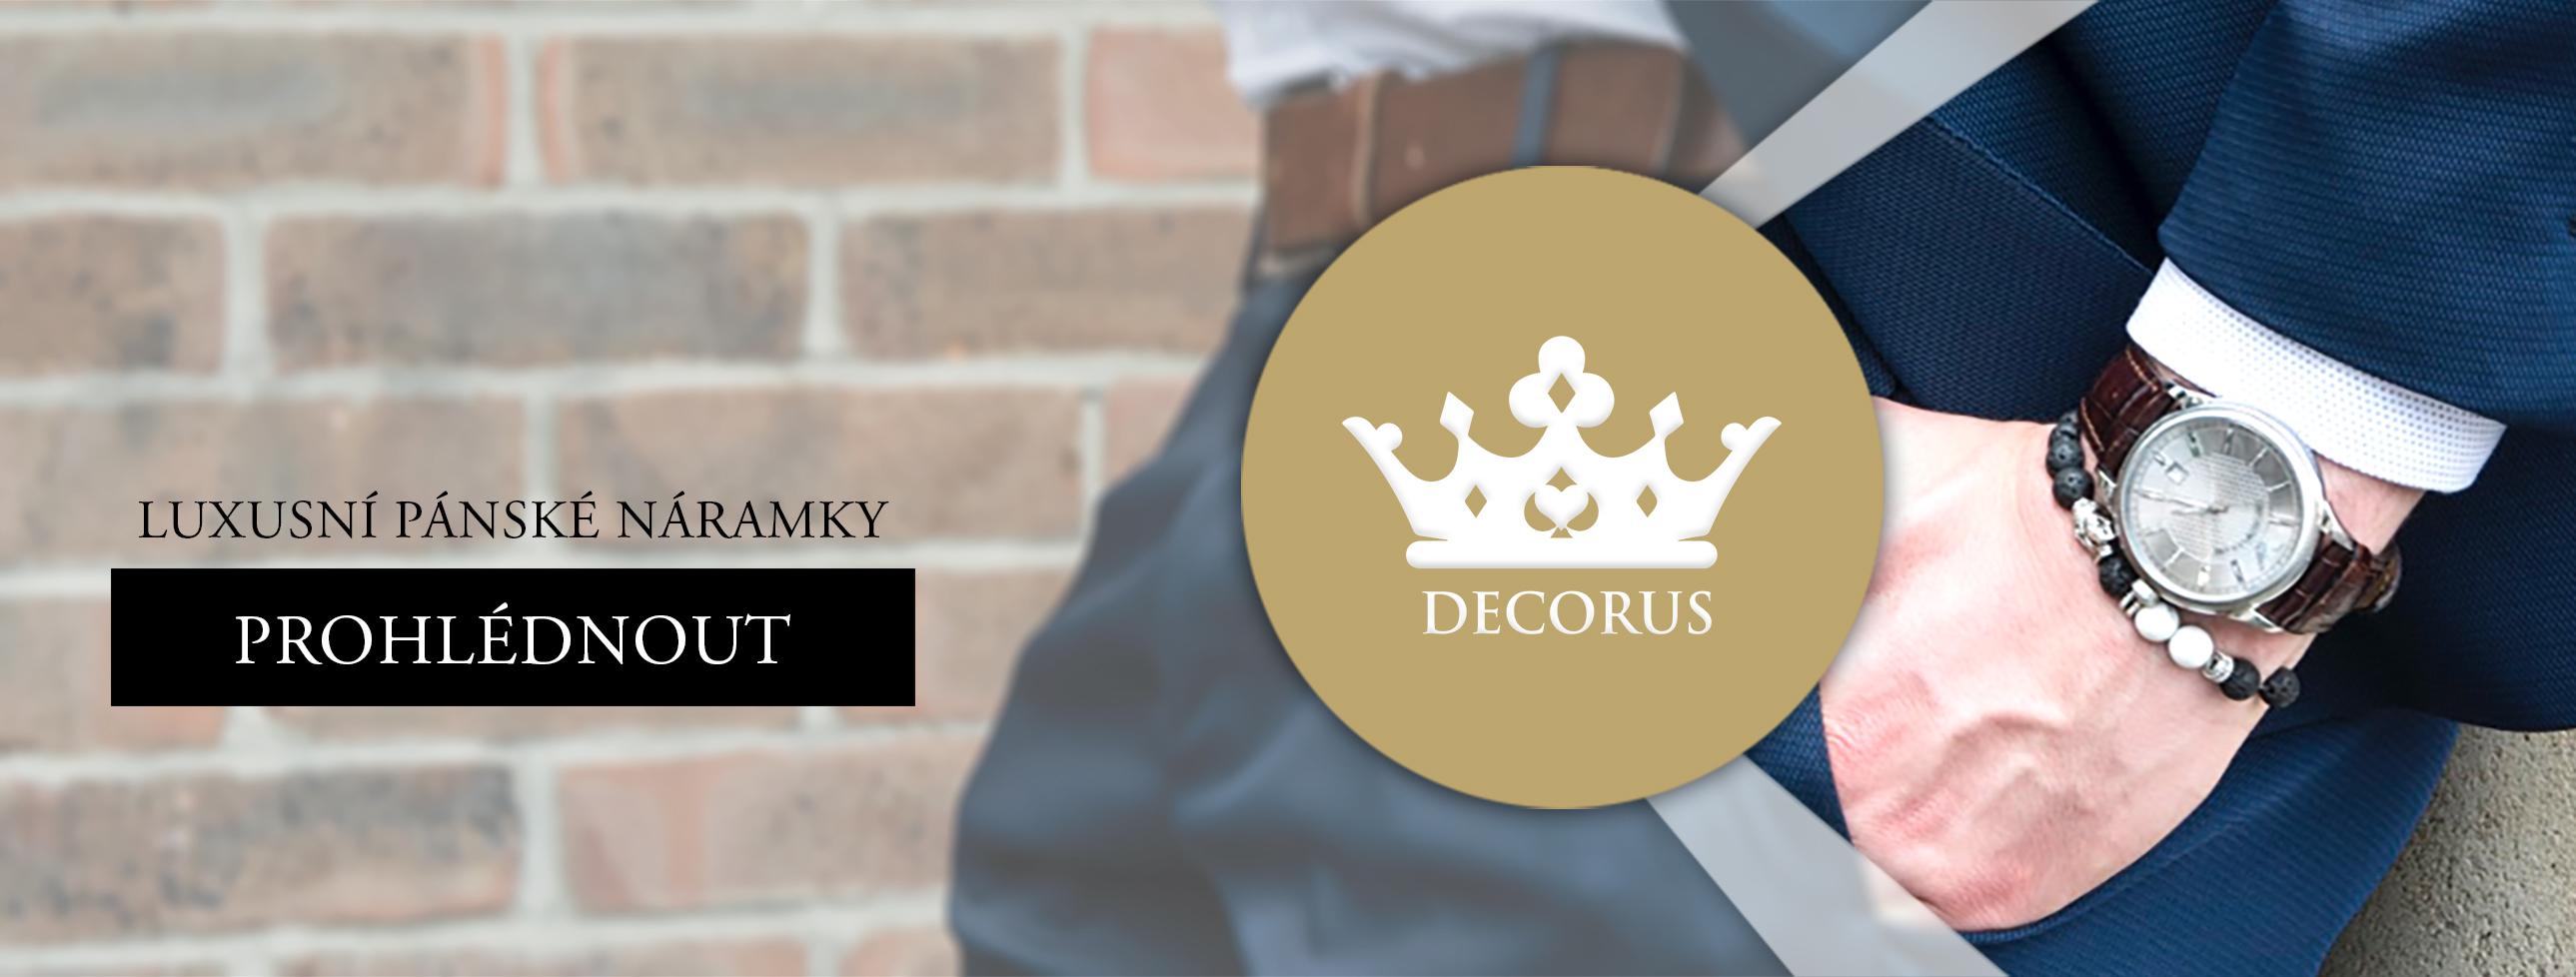 Decorus - Pánské luxusní náramky